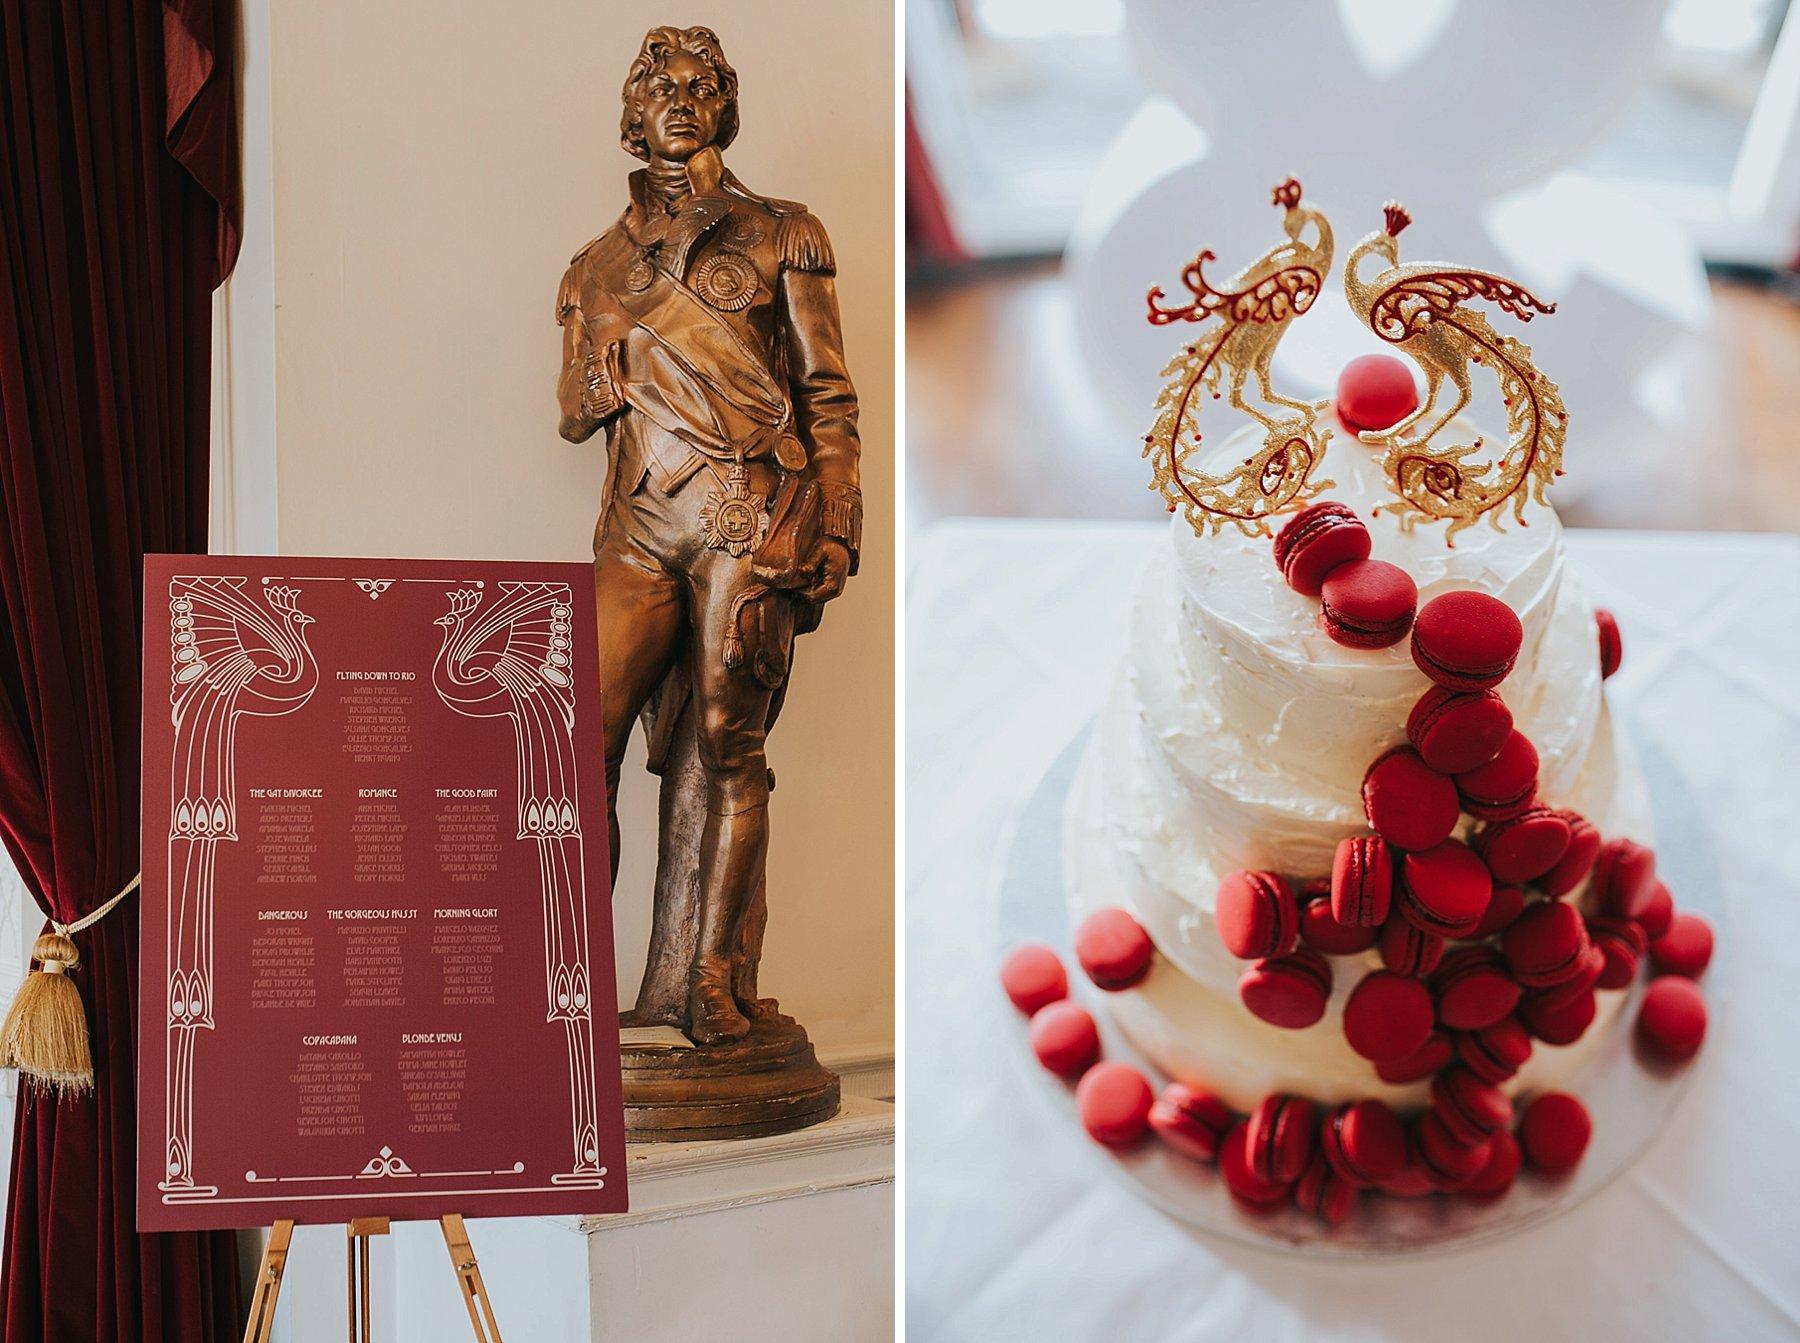 art deco table plan wedding cake Trafalgar Tavern red macarons.jpg